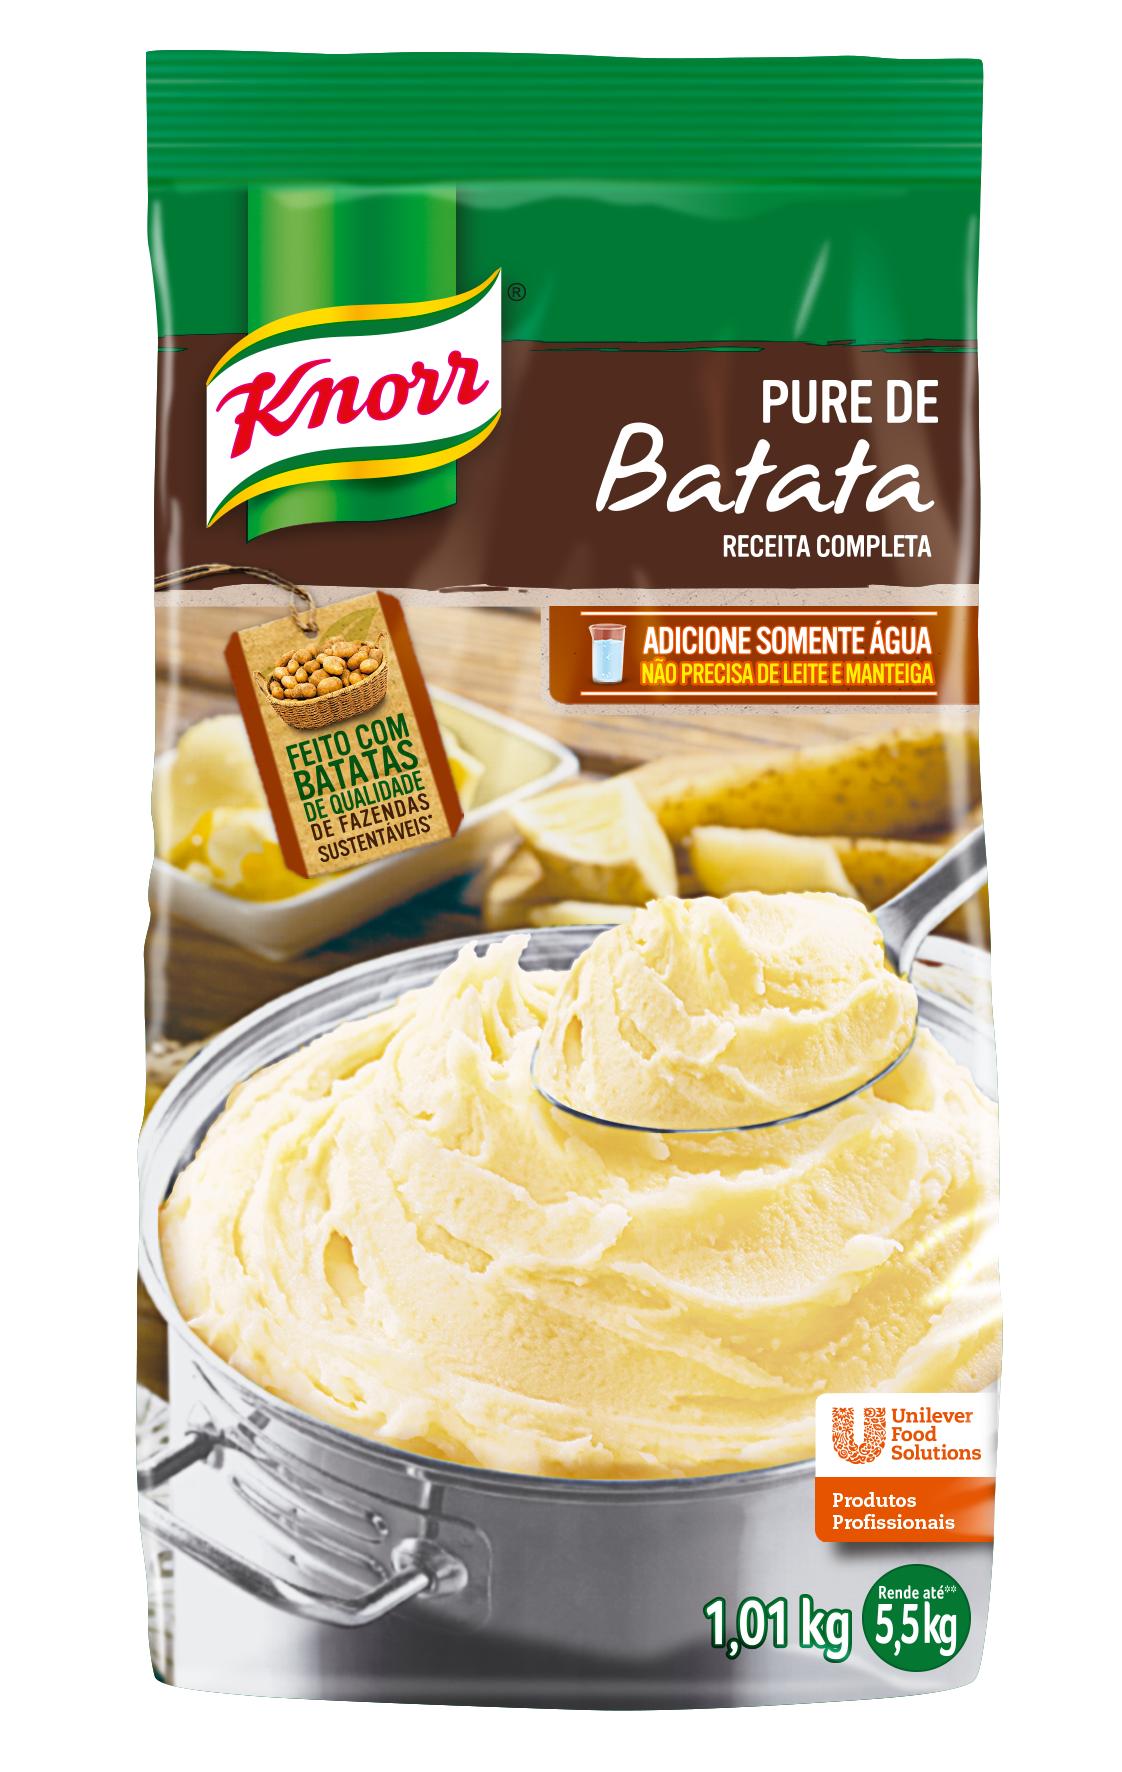 Purê de Batatas Knorr 1,01 kg - Faça todas elas com Purê de Batatas Knorr em muito menos tempo.